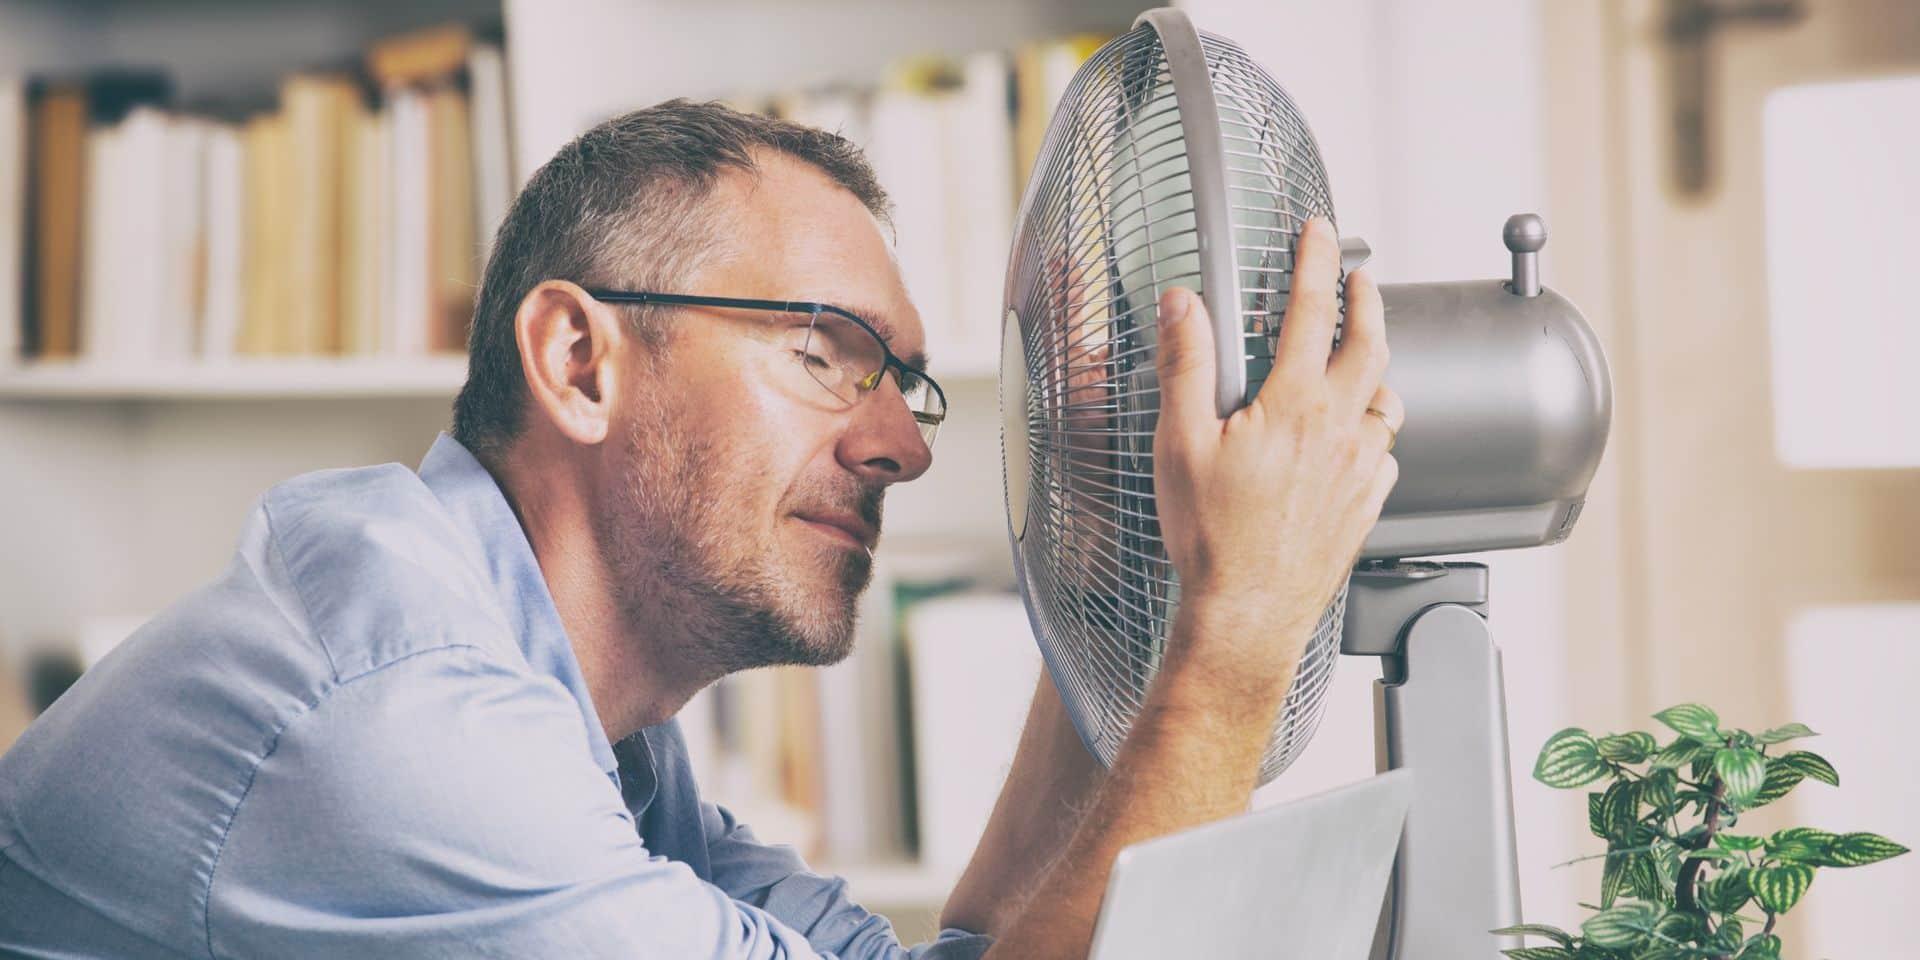 Coronavirus: est-ce dangereux d'utiliser un ventilateur ?